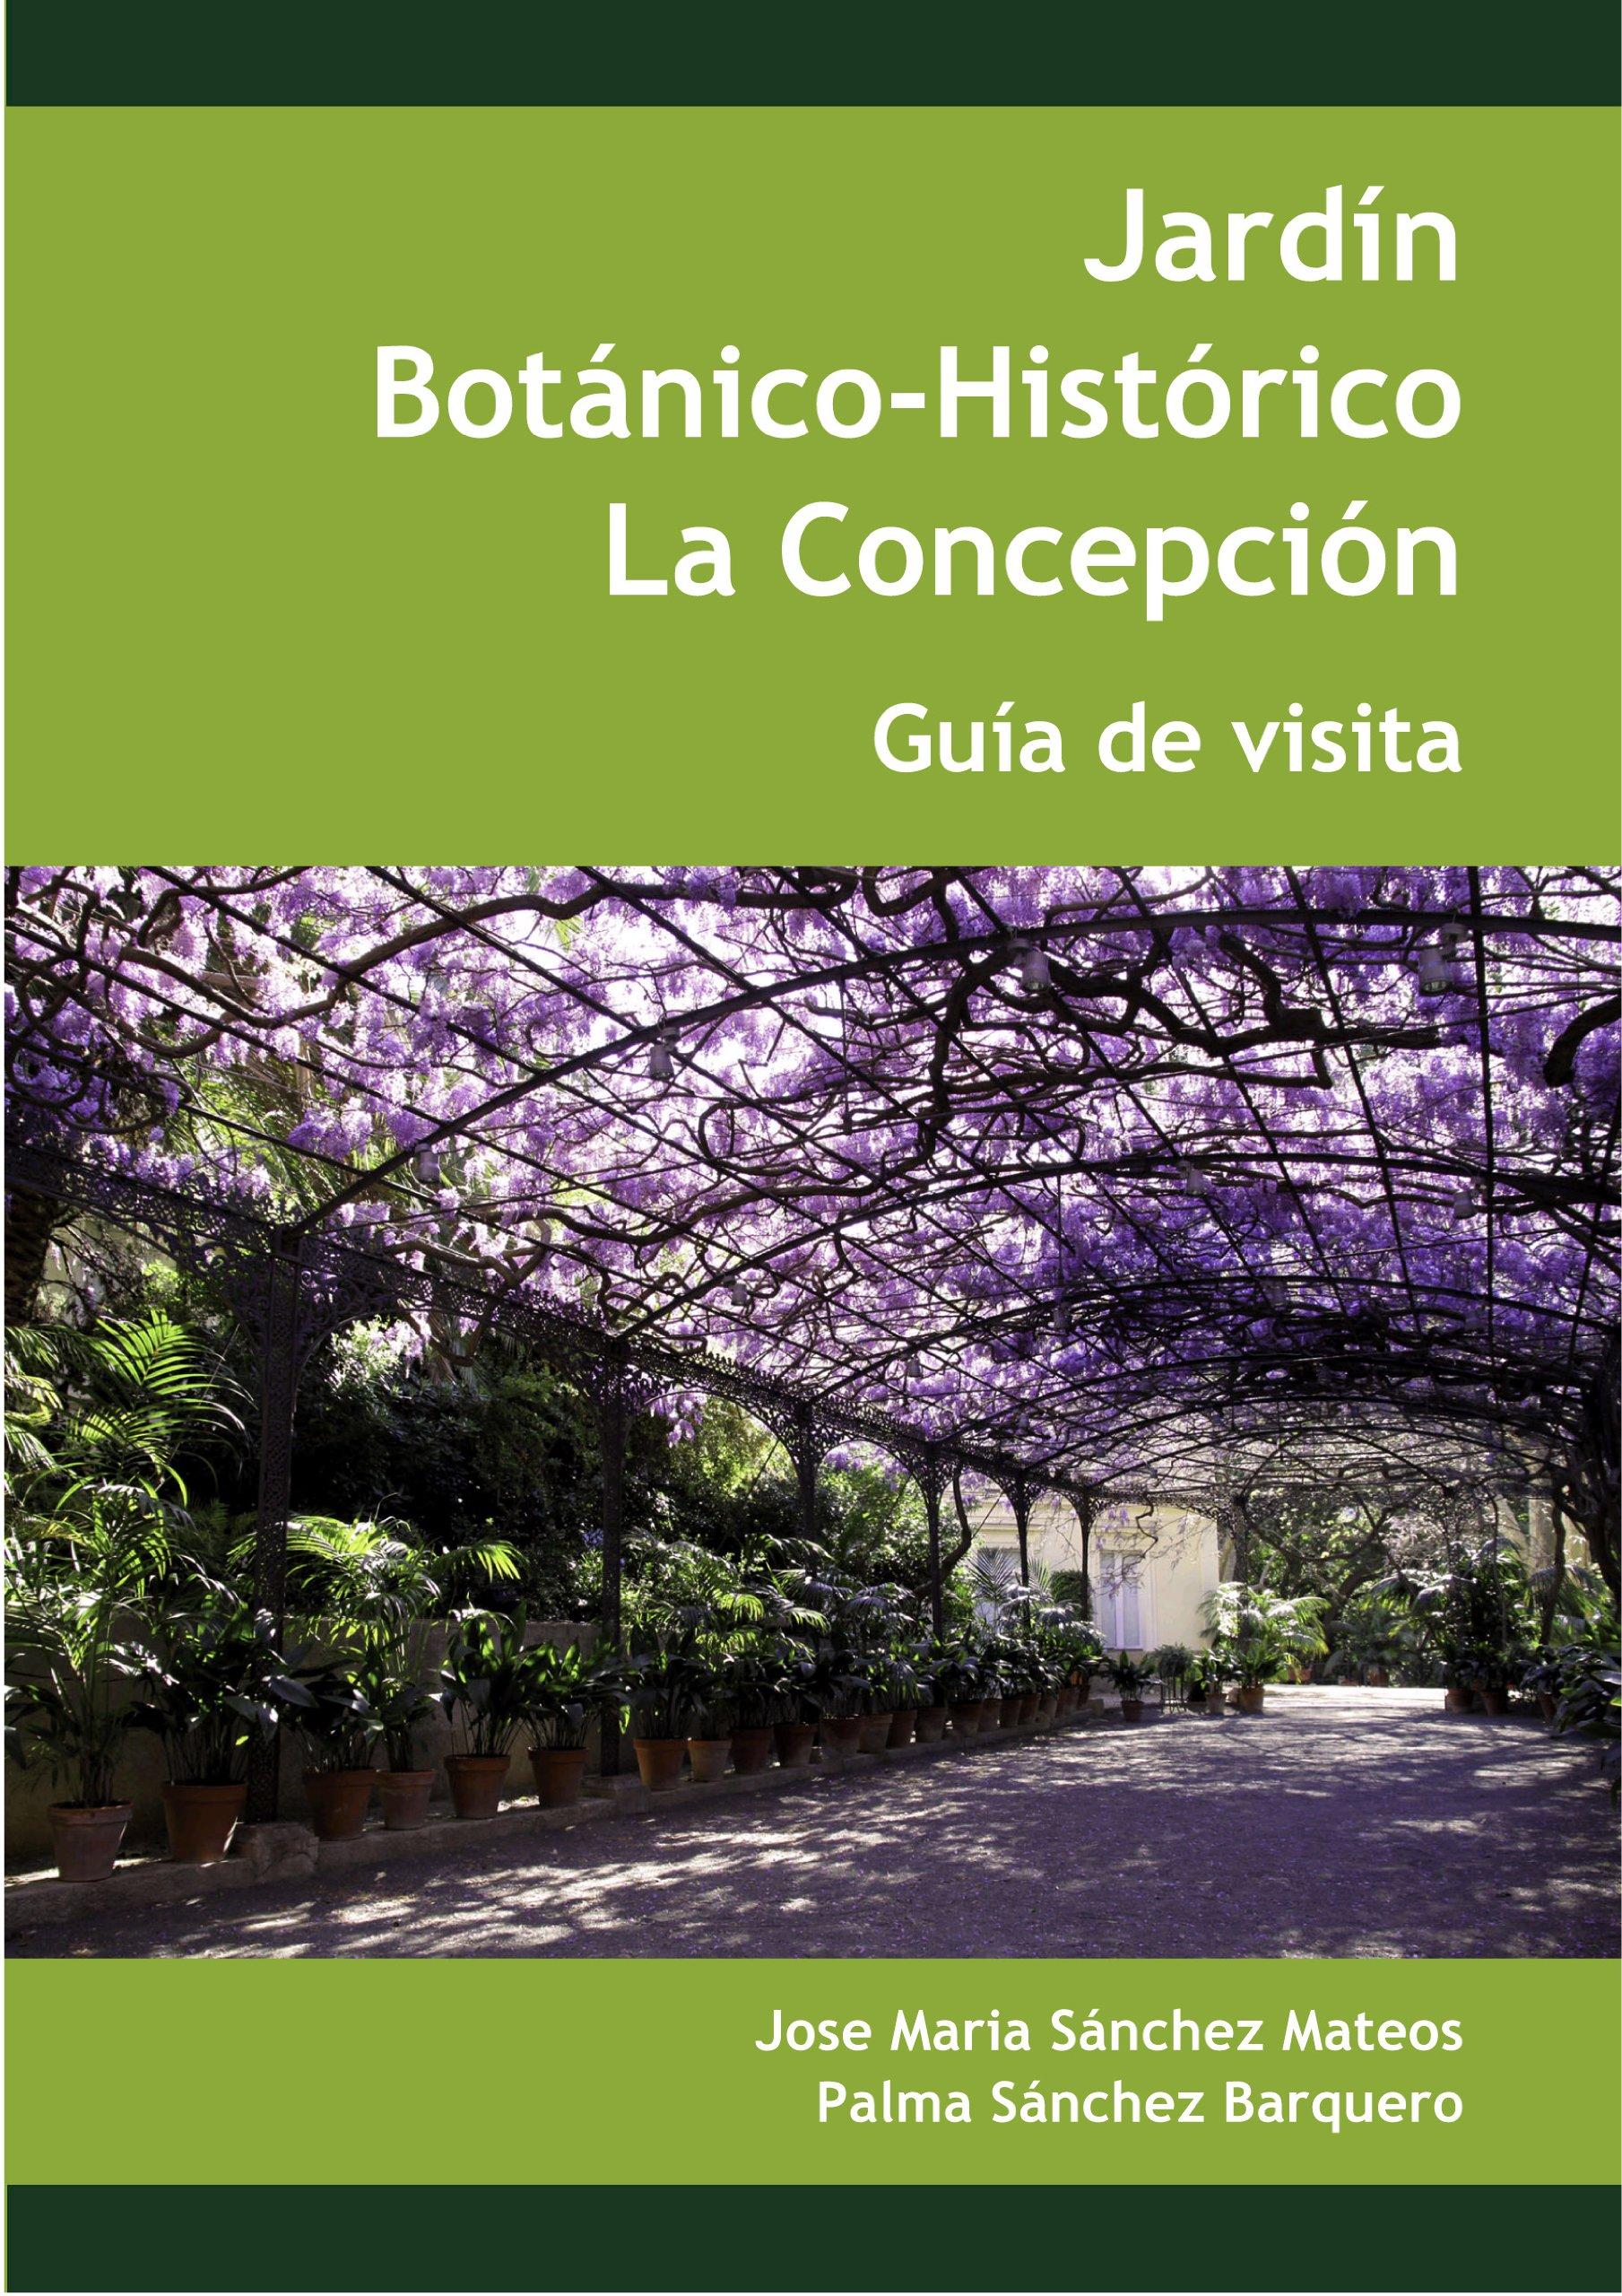 Jardín botánico-histórico La Concepción: Amazon.es: Sánchez Mateos, José María, Sánchez Barquero, Palma: Libros